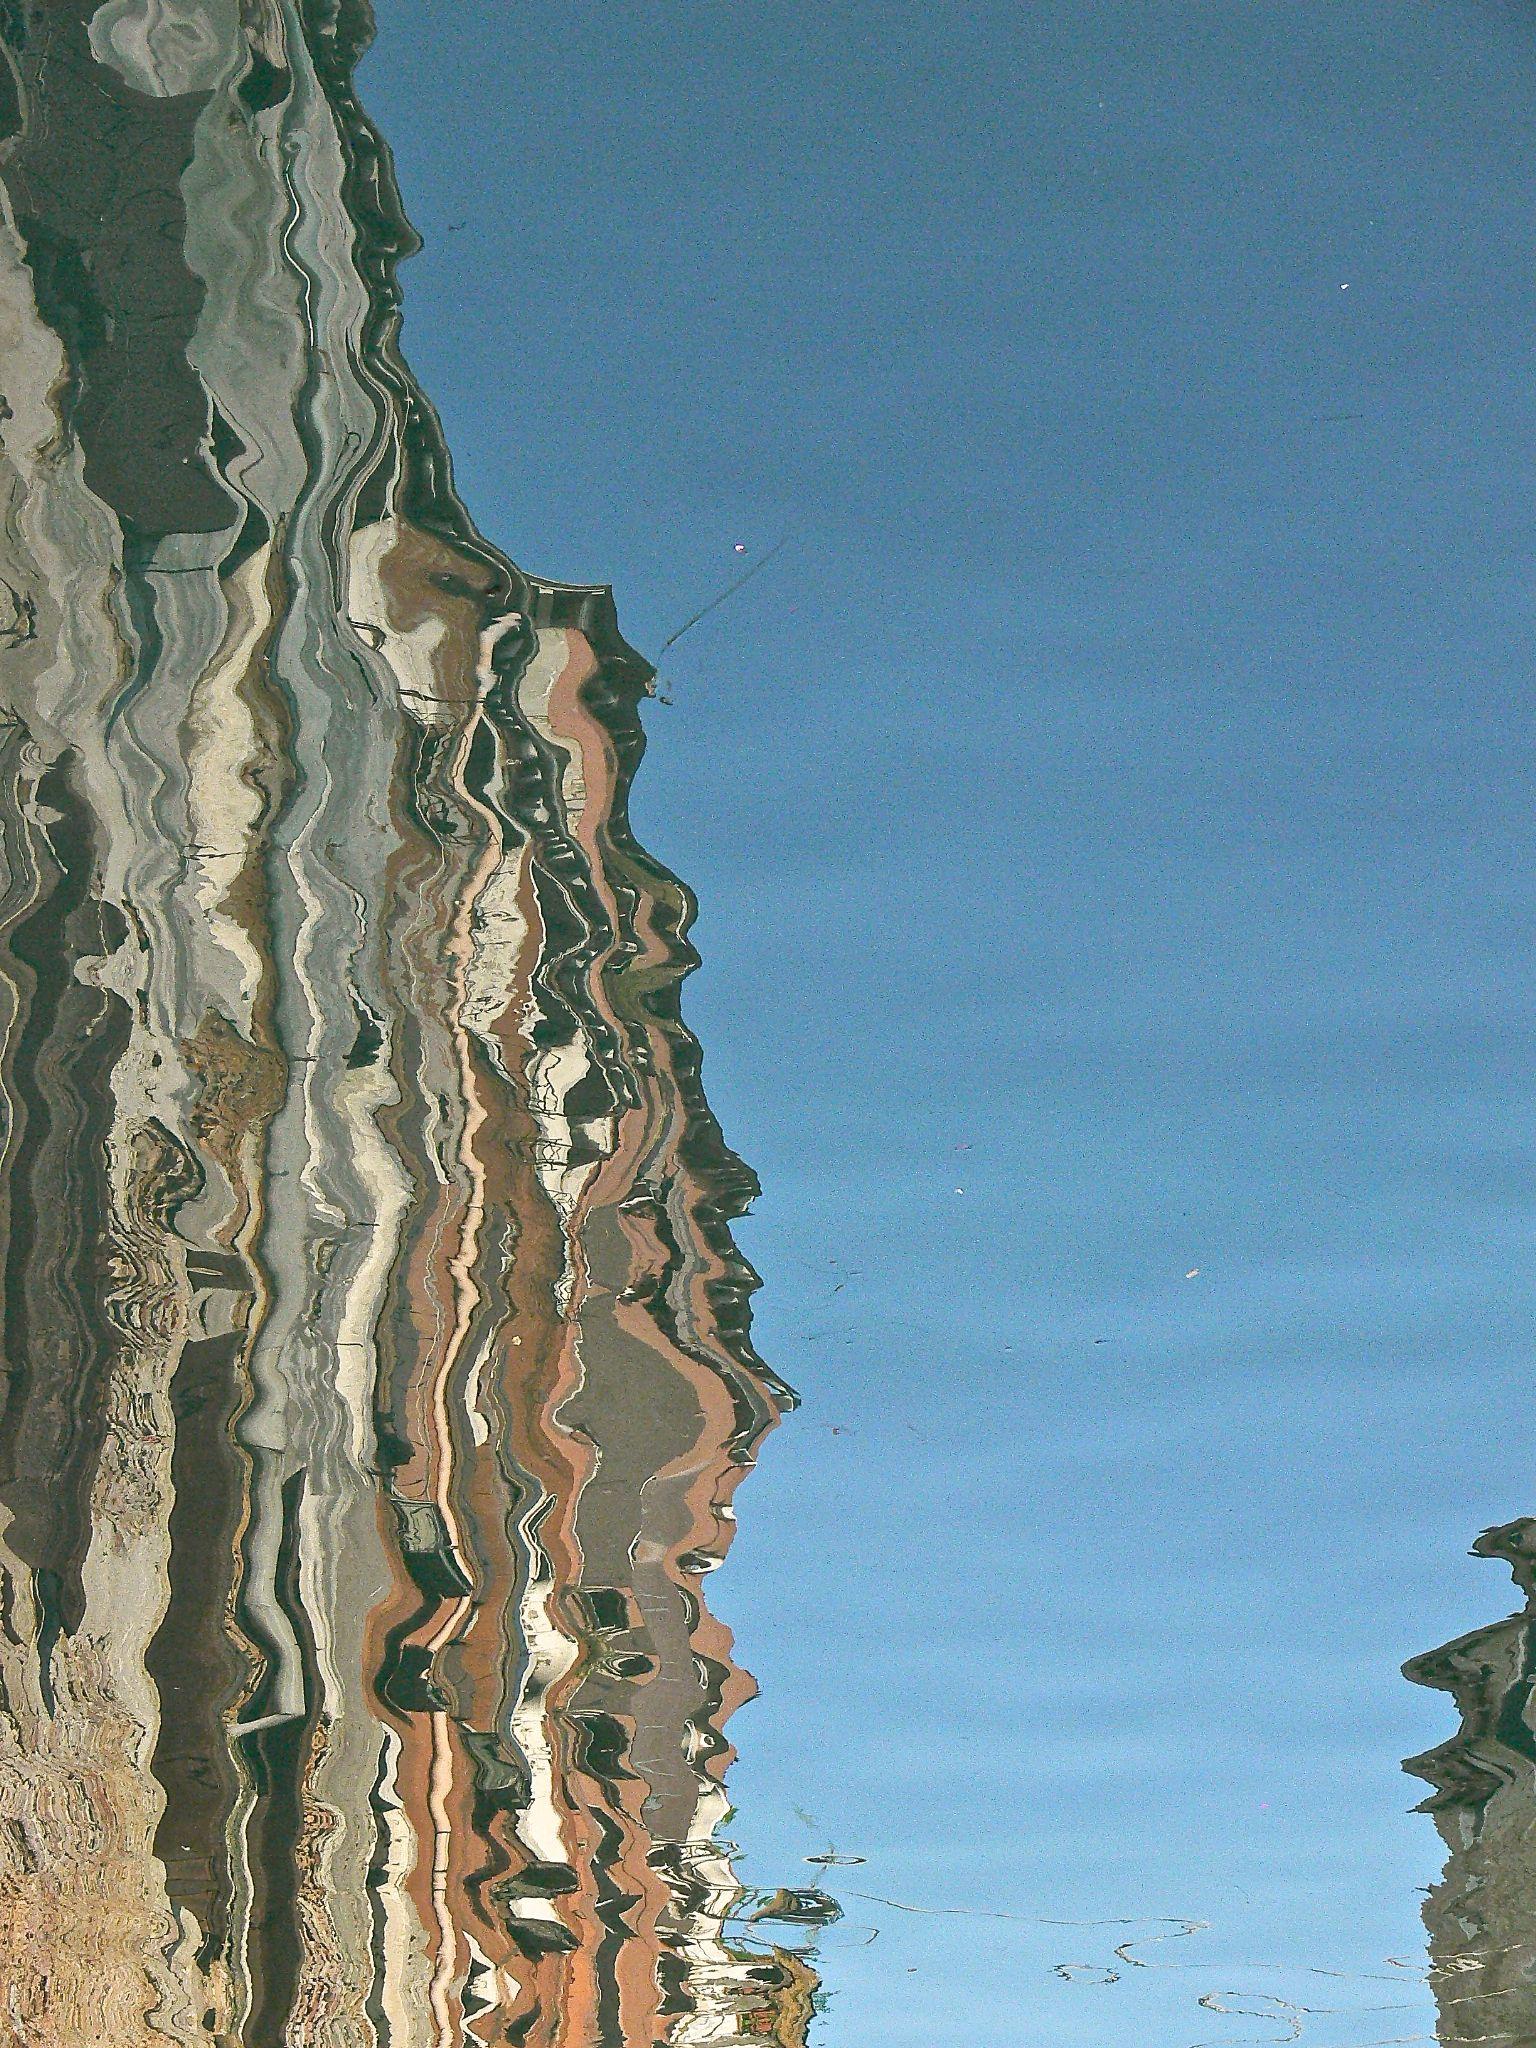 Reflections 3 by Massimiliano Pisu